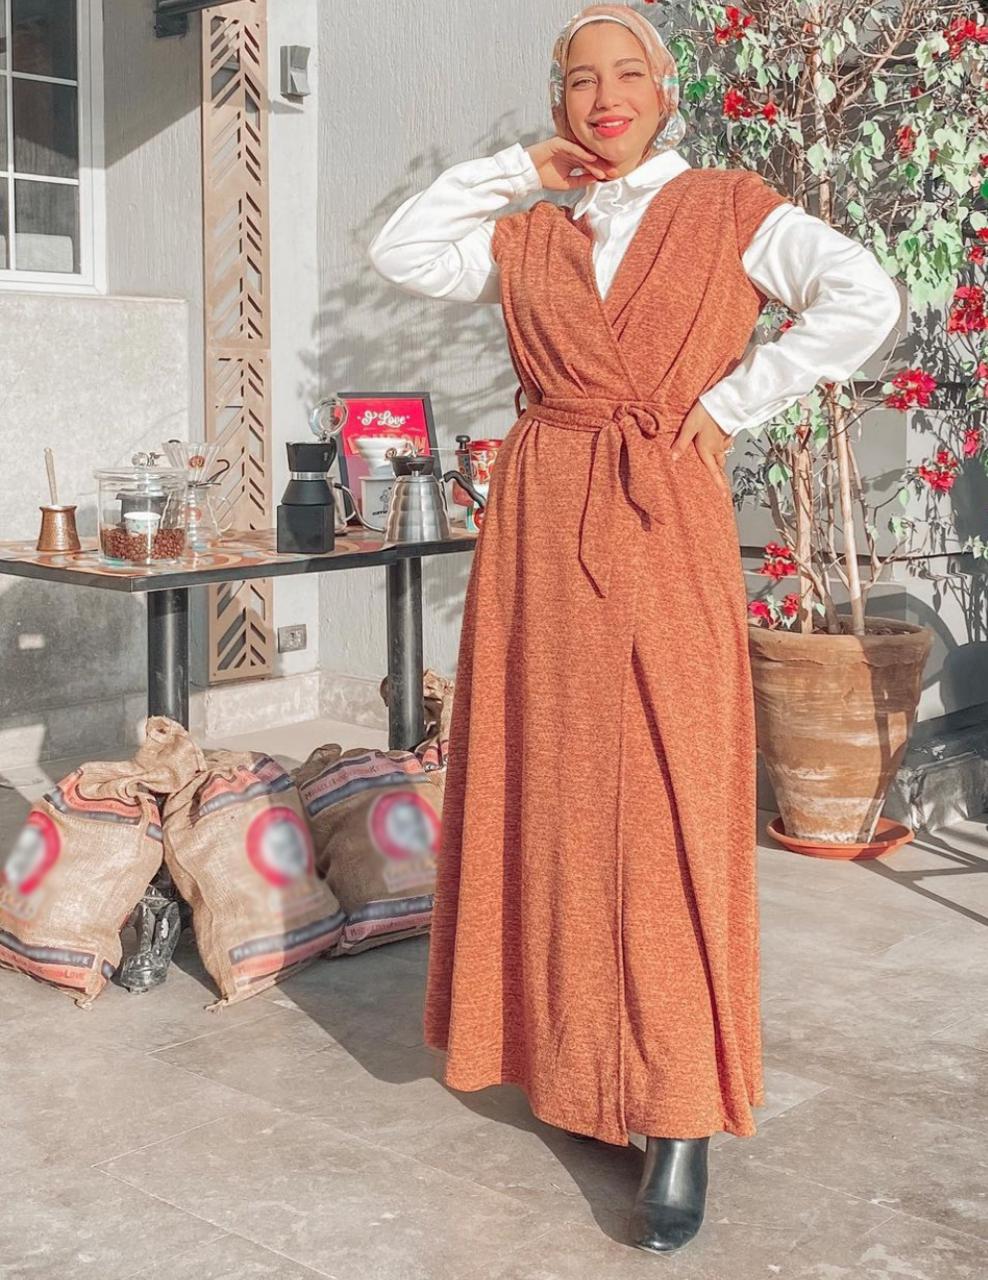 مريم سيف بفستان ناعم حيادي اللون